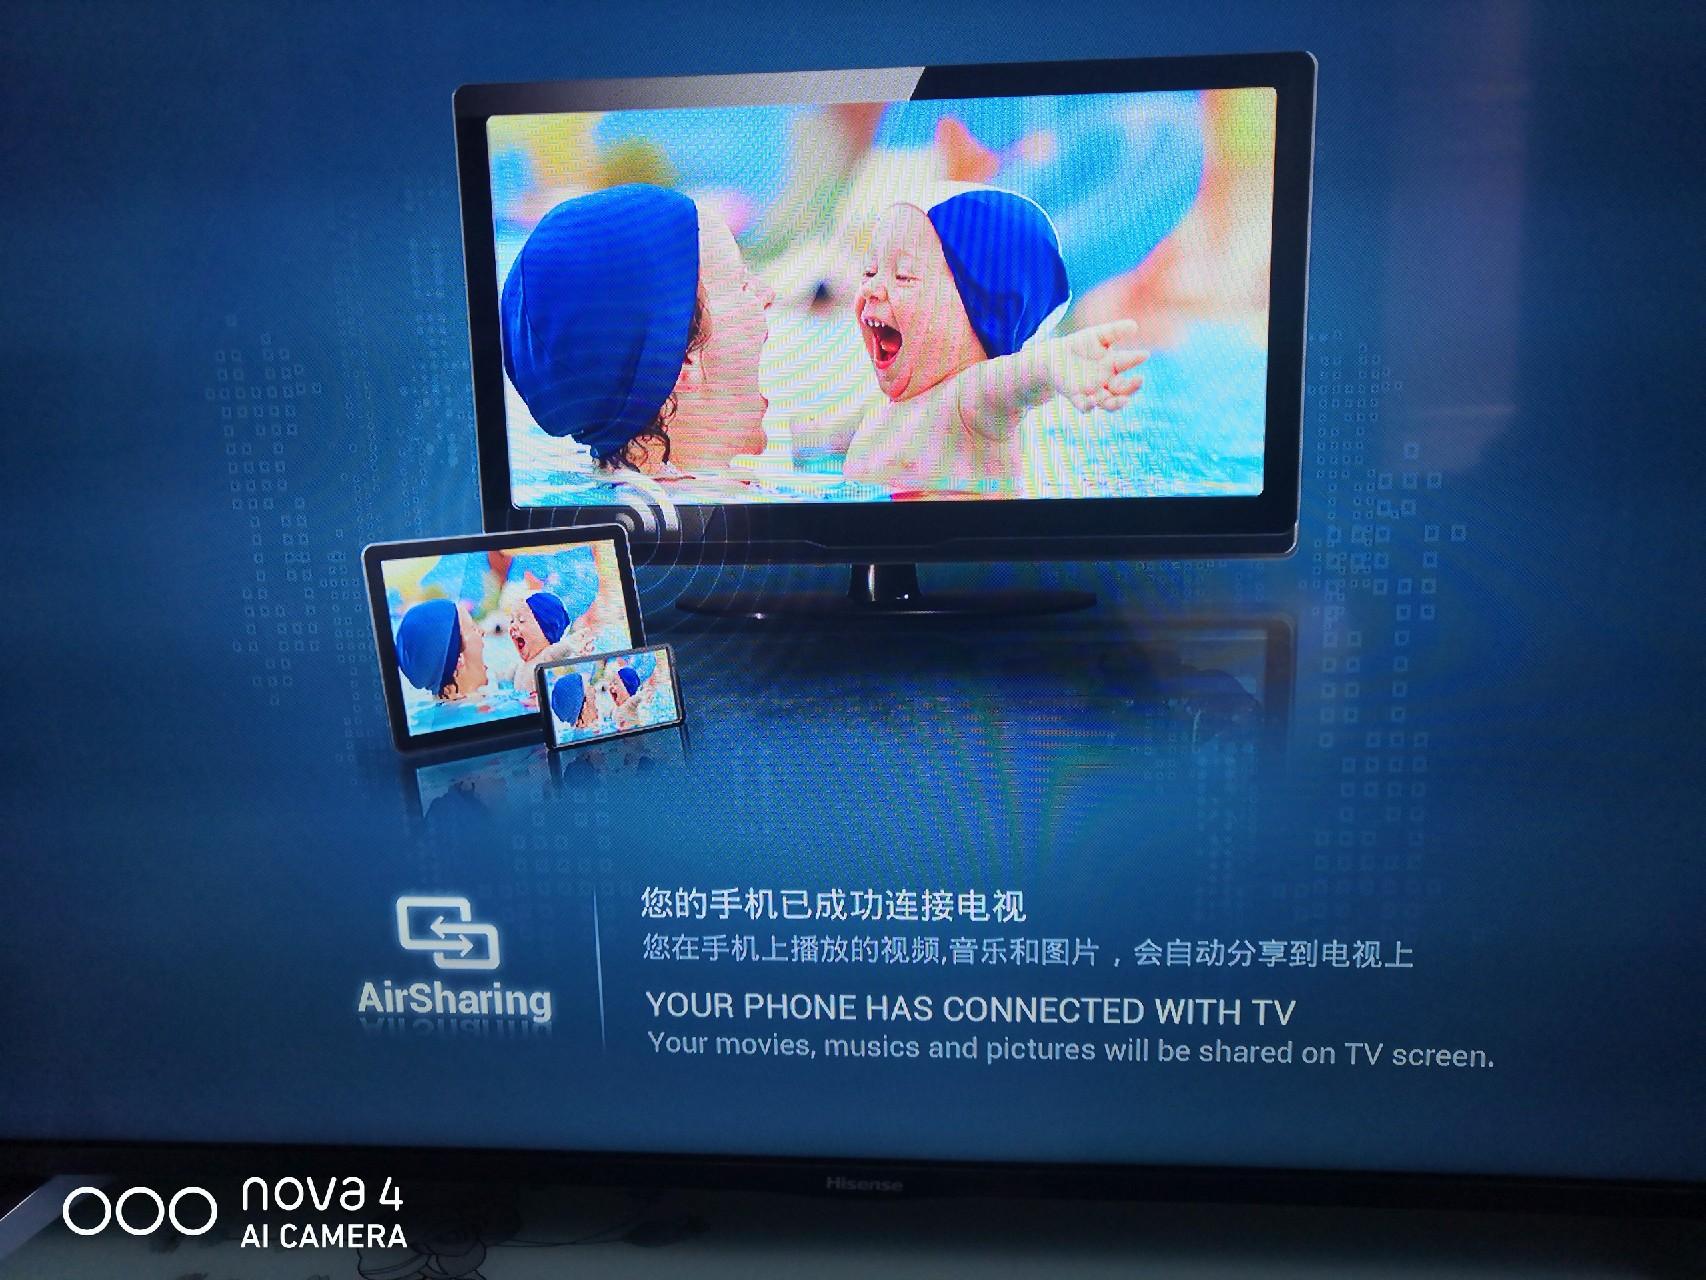 海信电视投屏软件_海信电视手机投屏软件_海信电视投屏软件